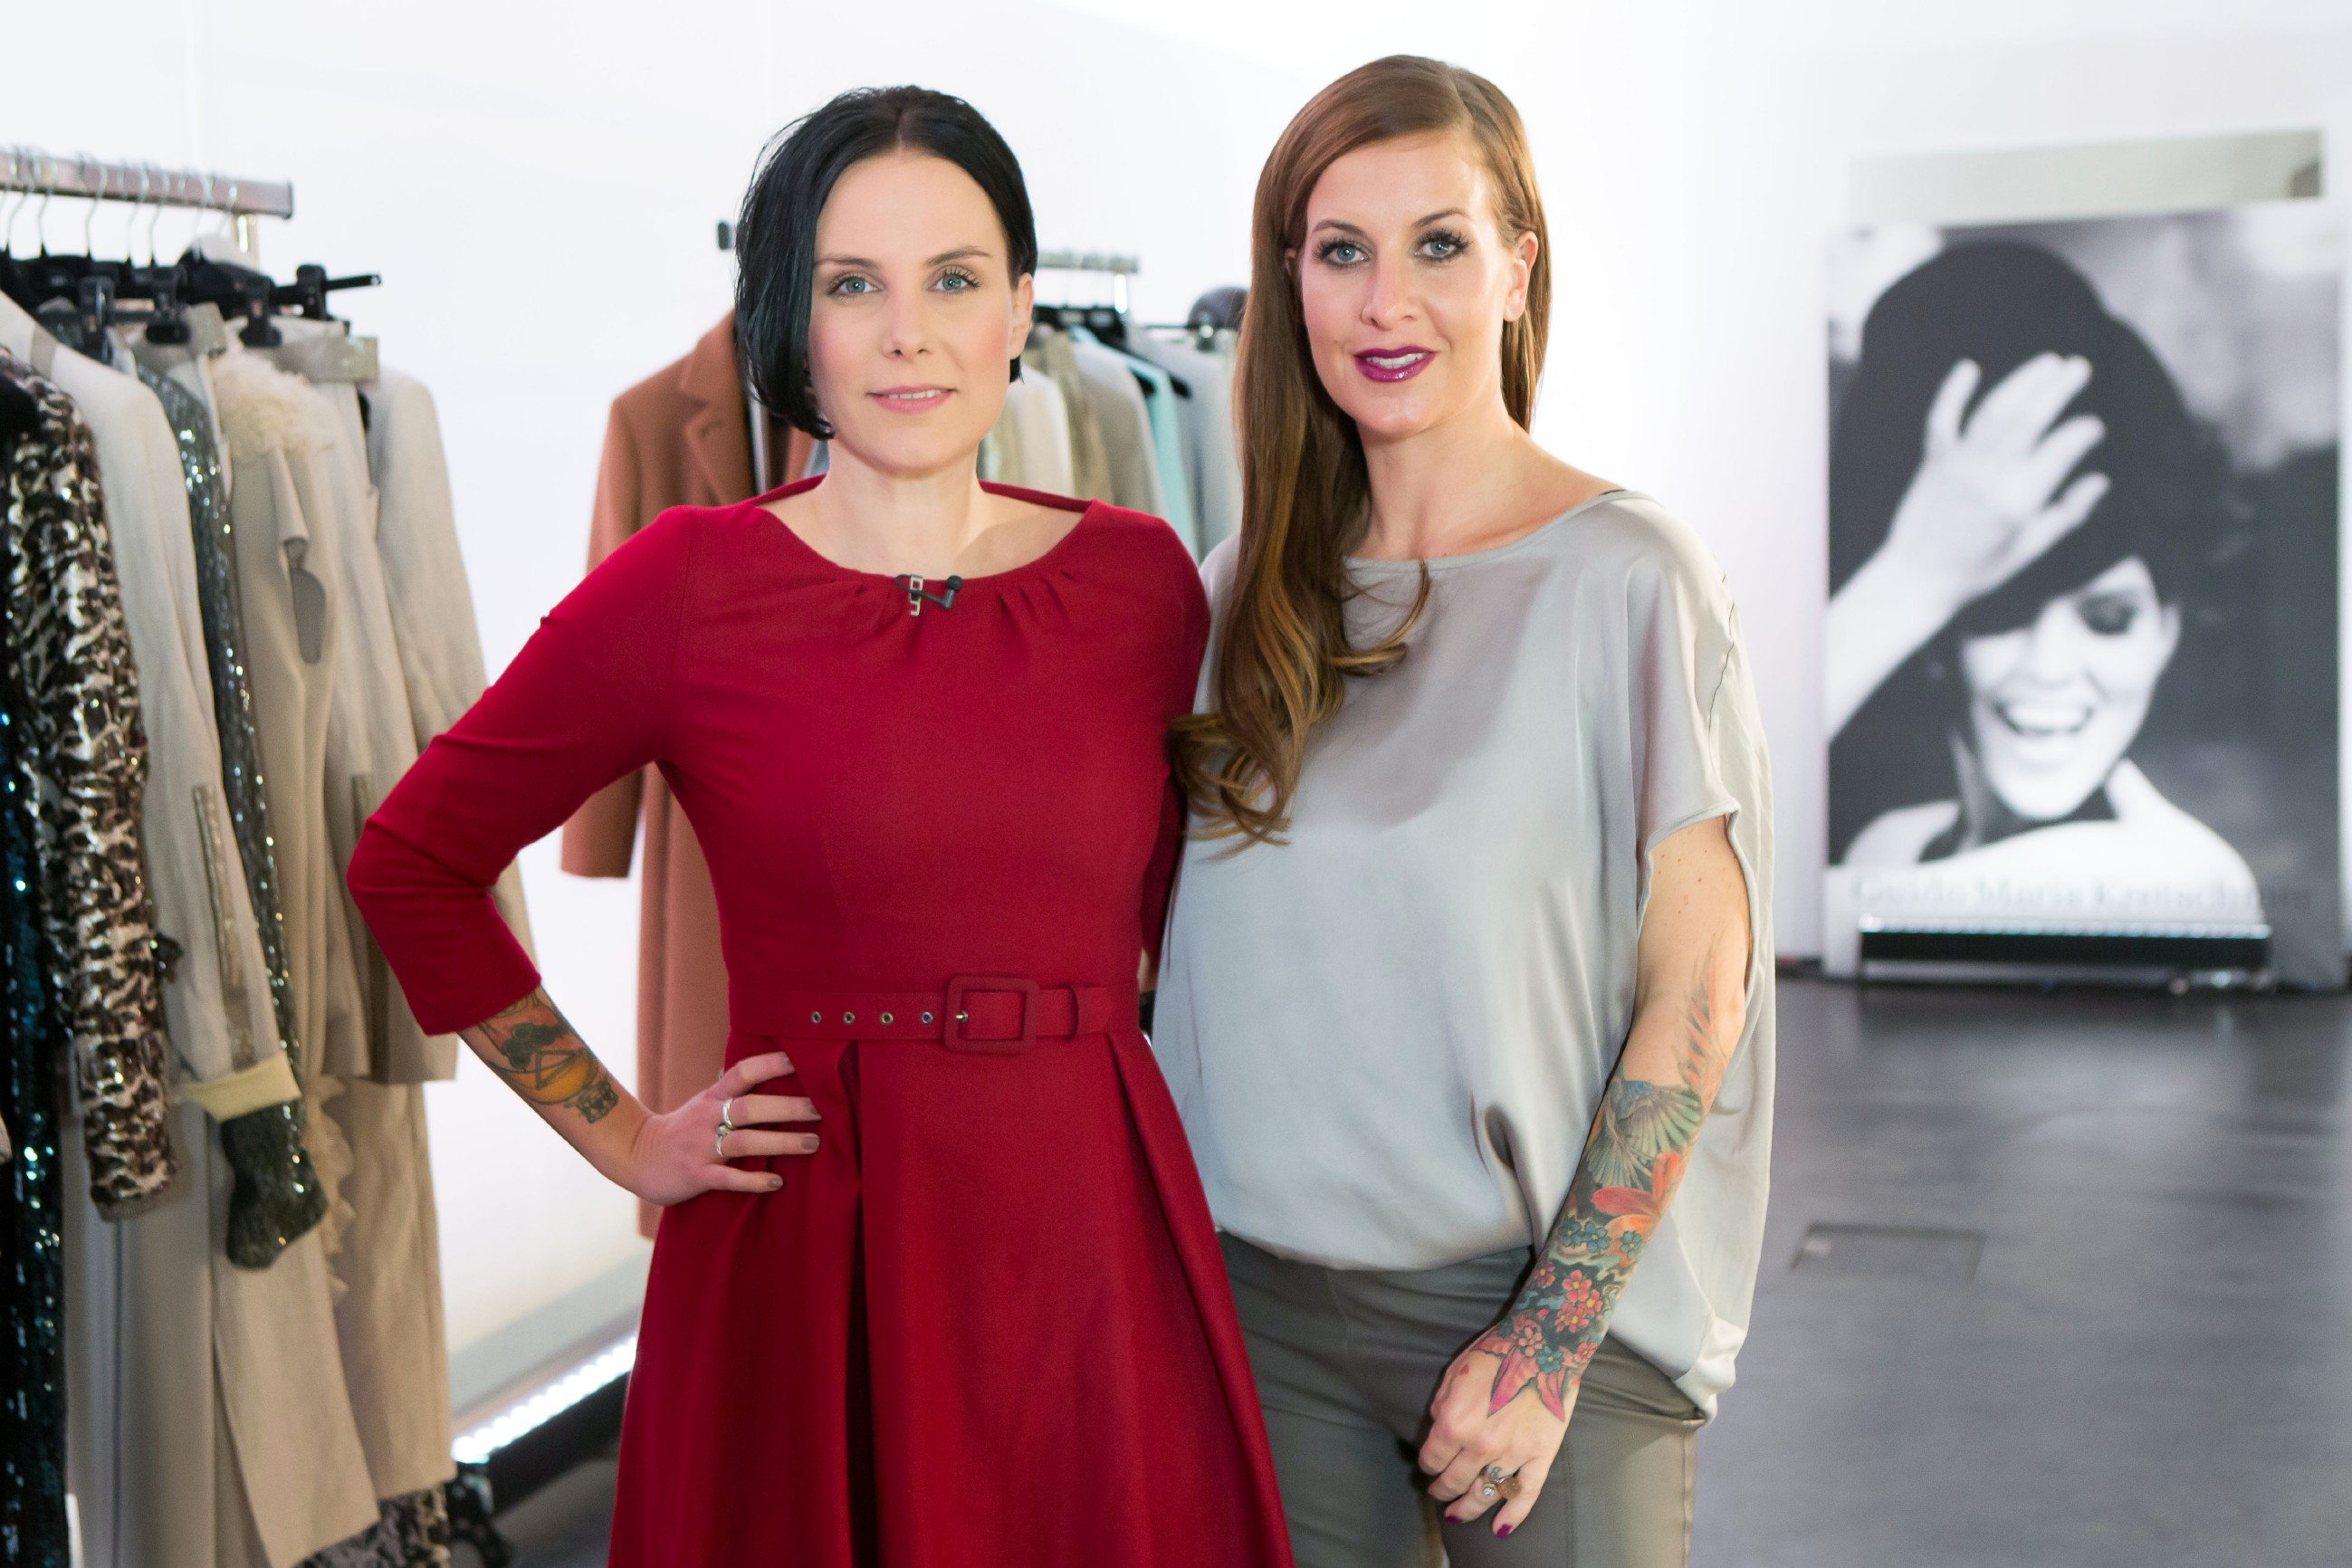 Guidos Shopping Queen des Jahres 2015 - Anne Martin mit Charlotte Würdig